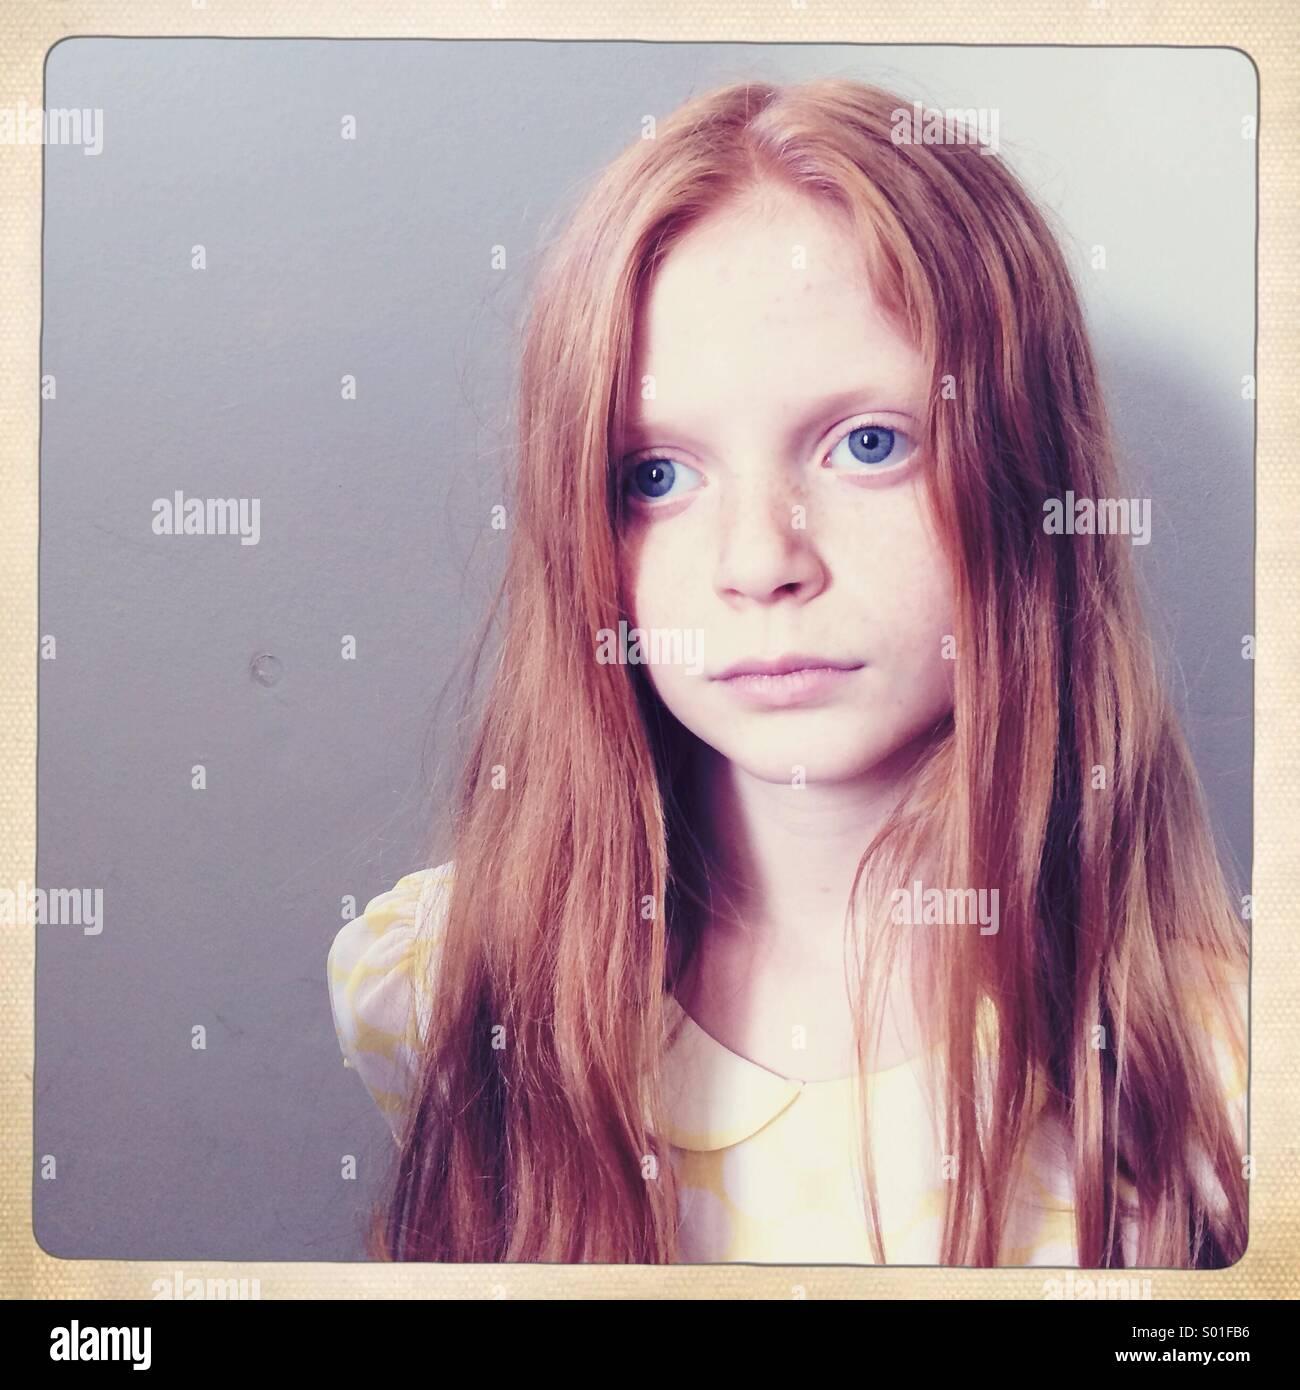 Fille aux cheveux rouge fixe et vide hors caméra avec un fond gris clair Photo Stock